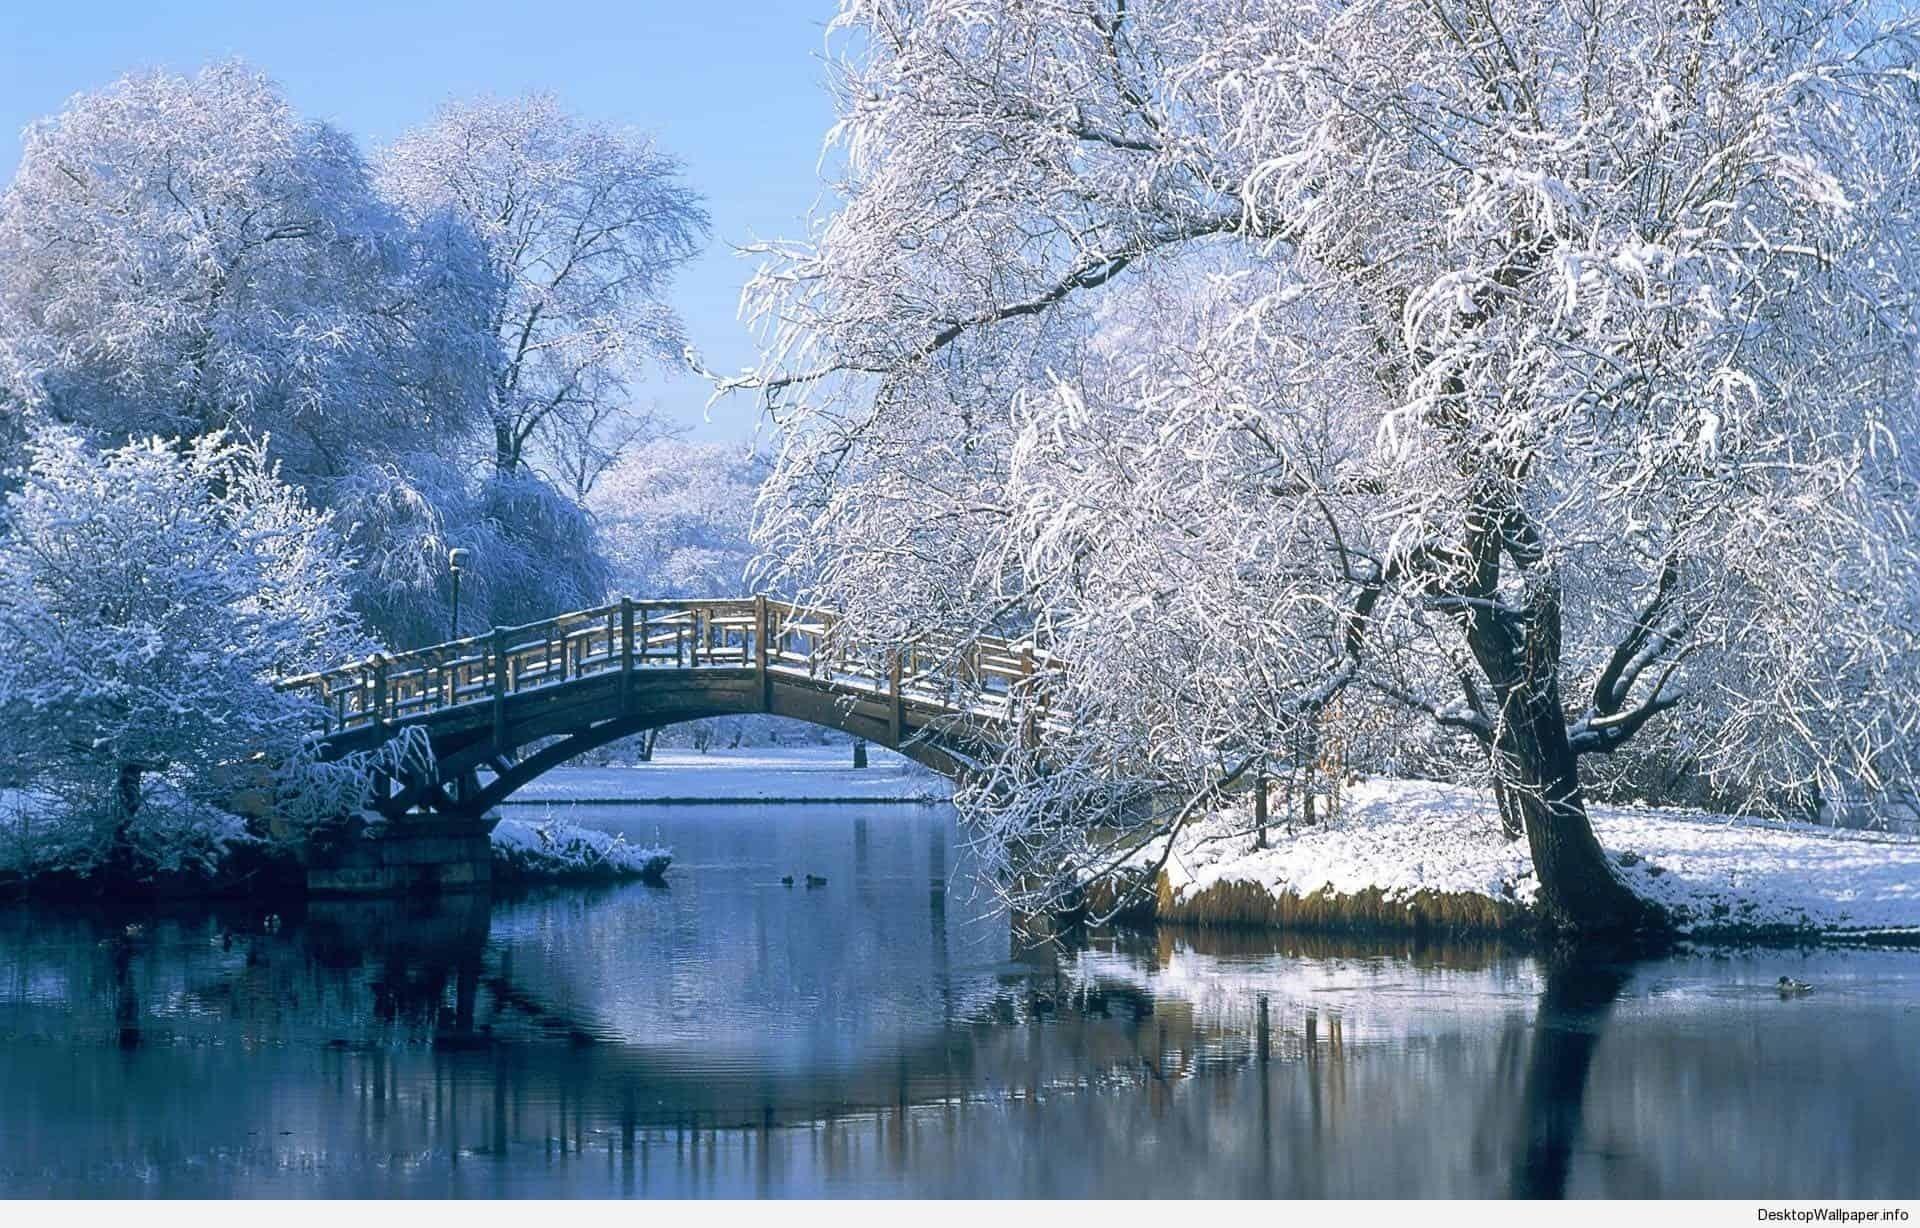 wallpaper of winter scenes | desktop wallpapers